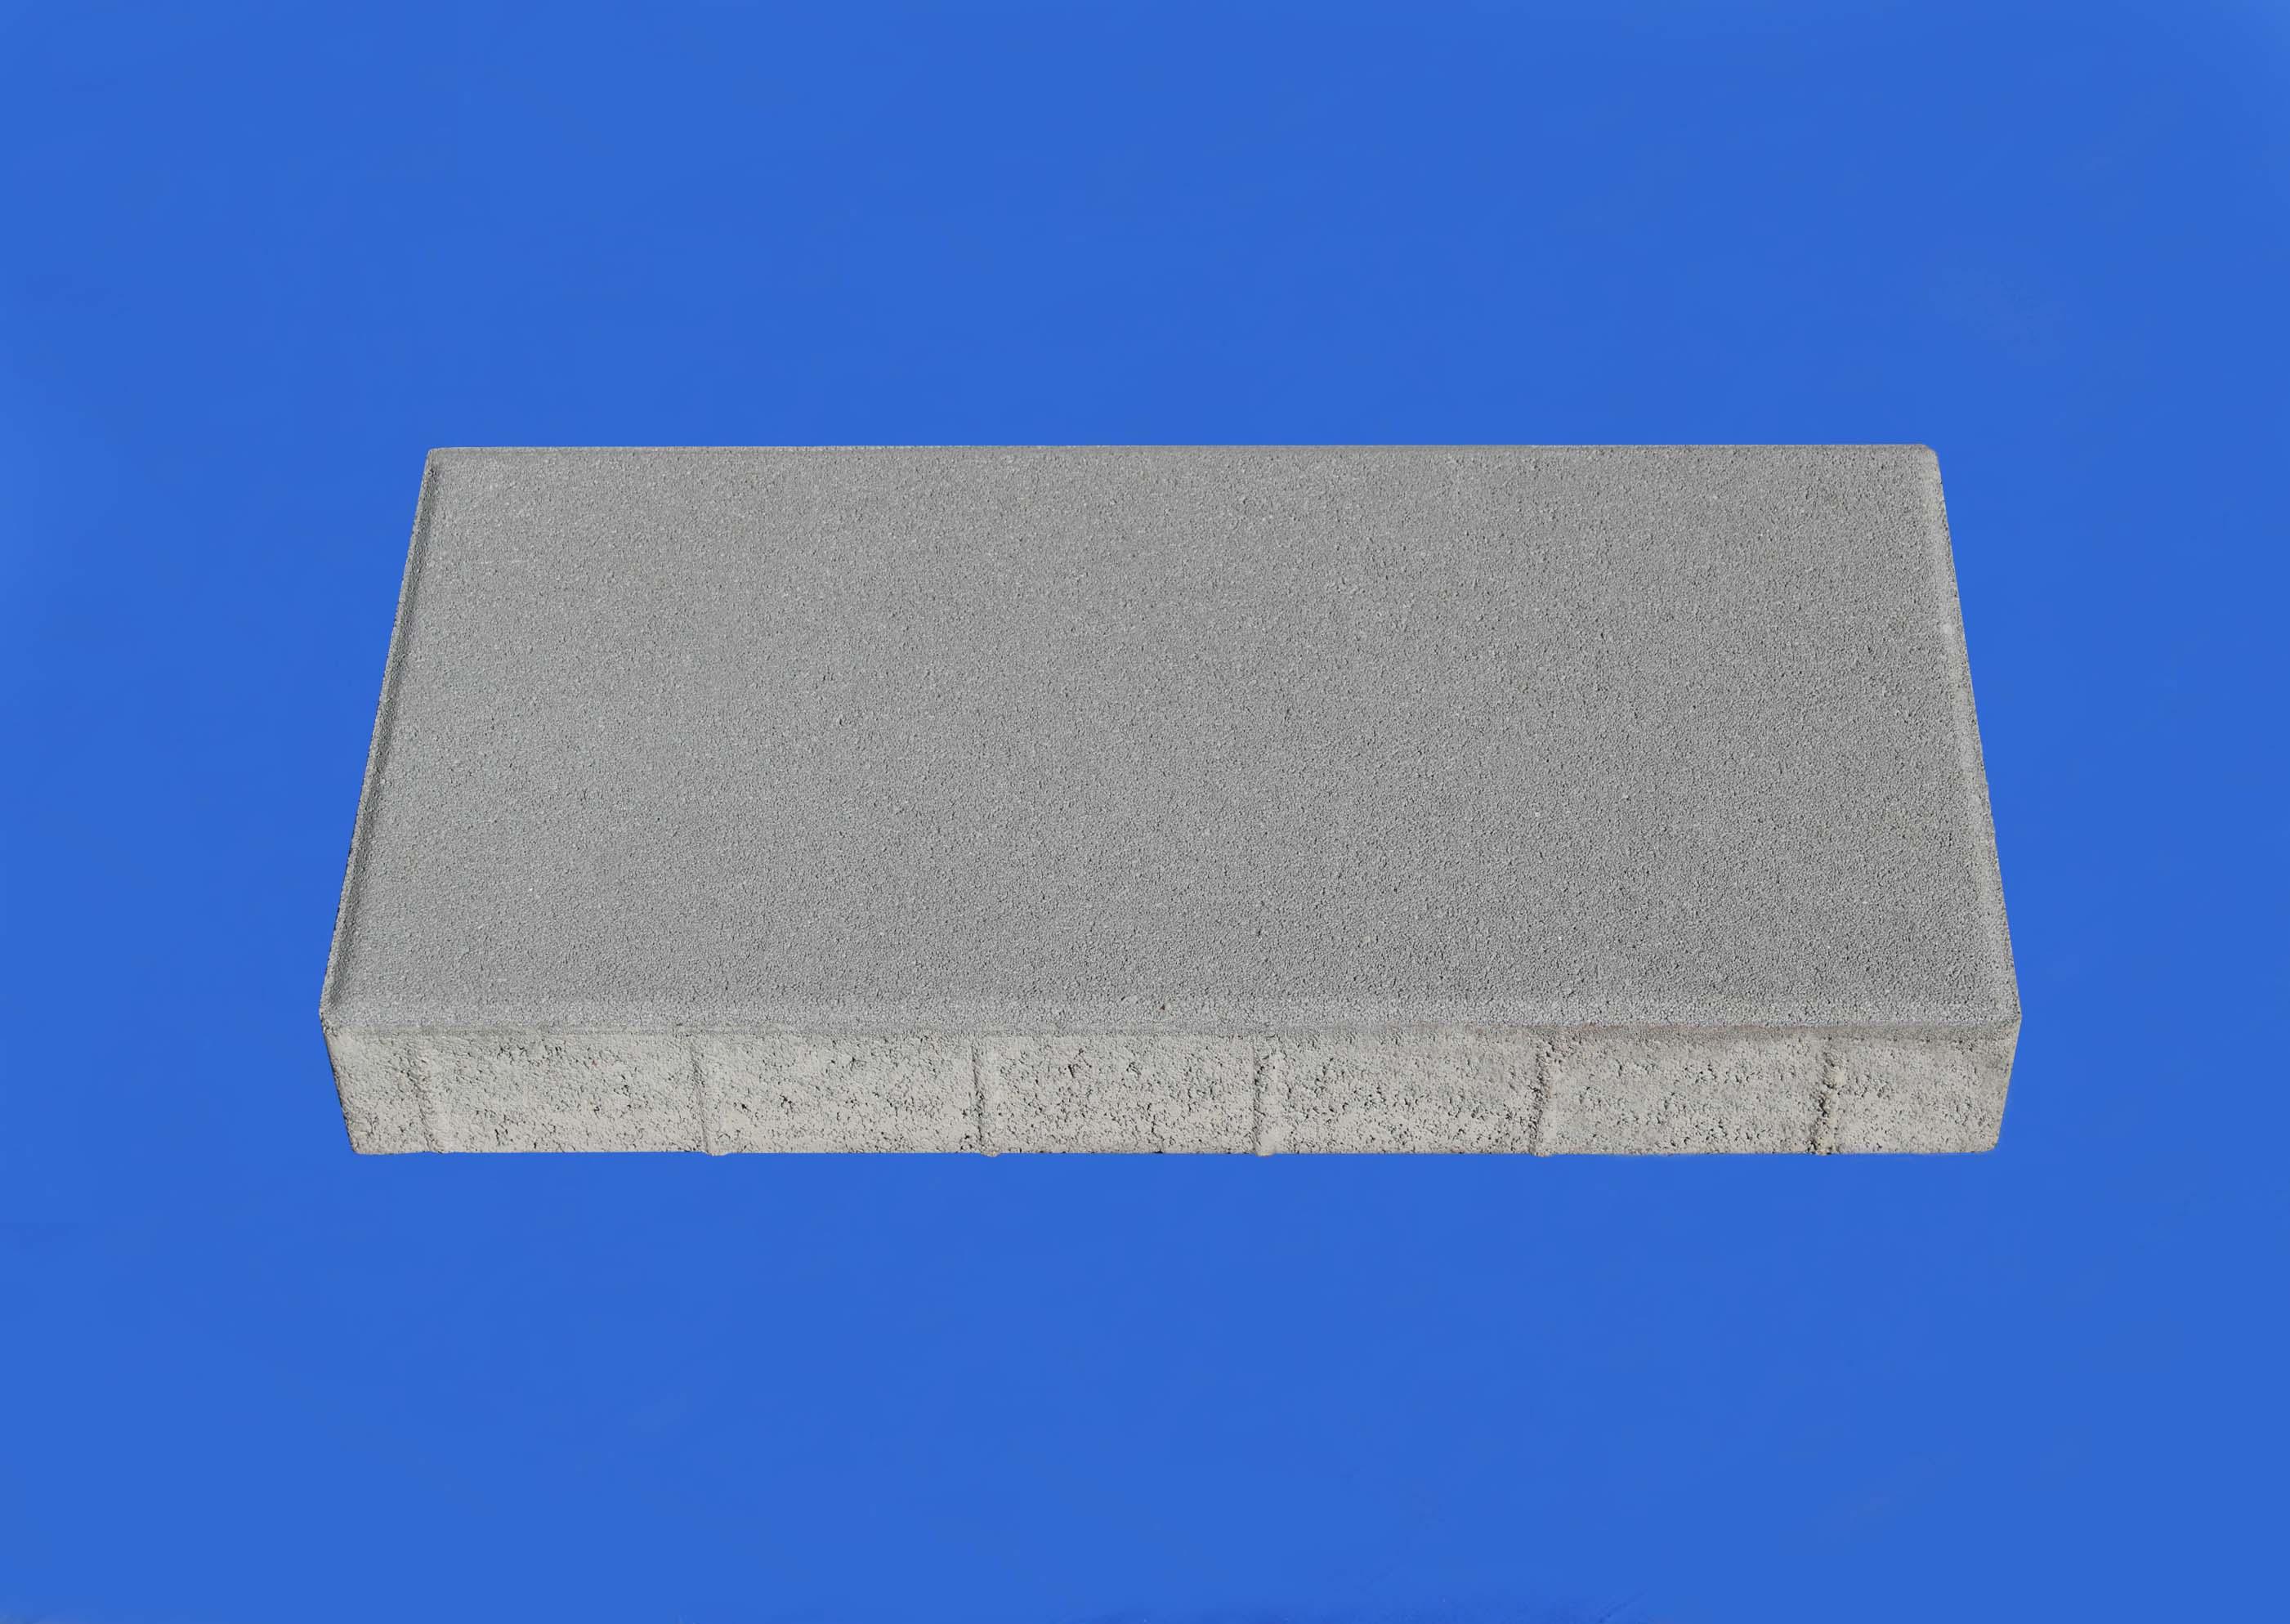 人造条石砖系列之仿石人造条石砖